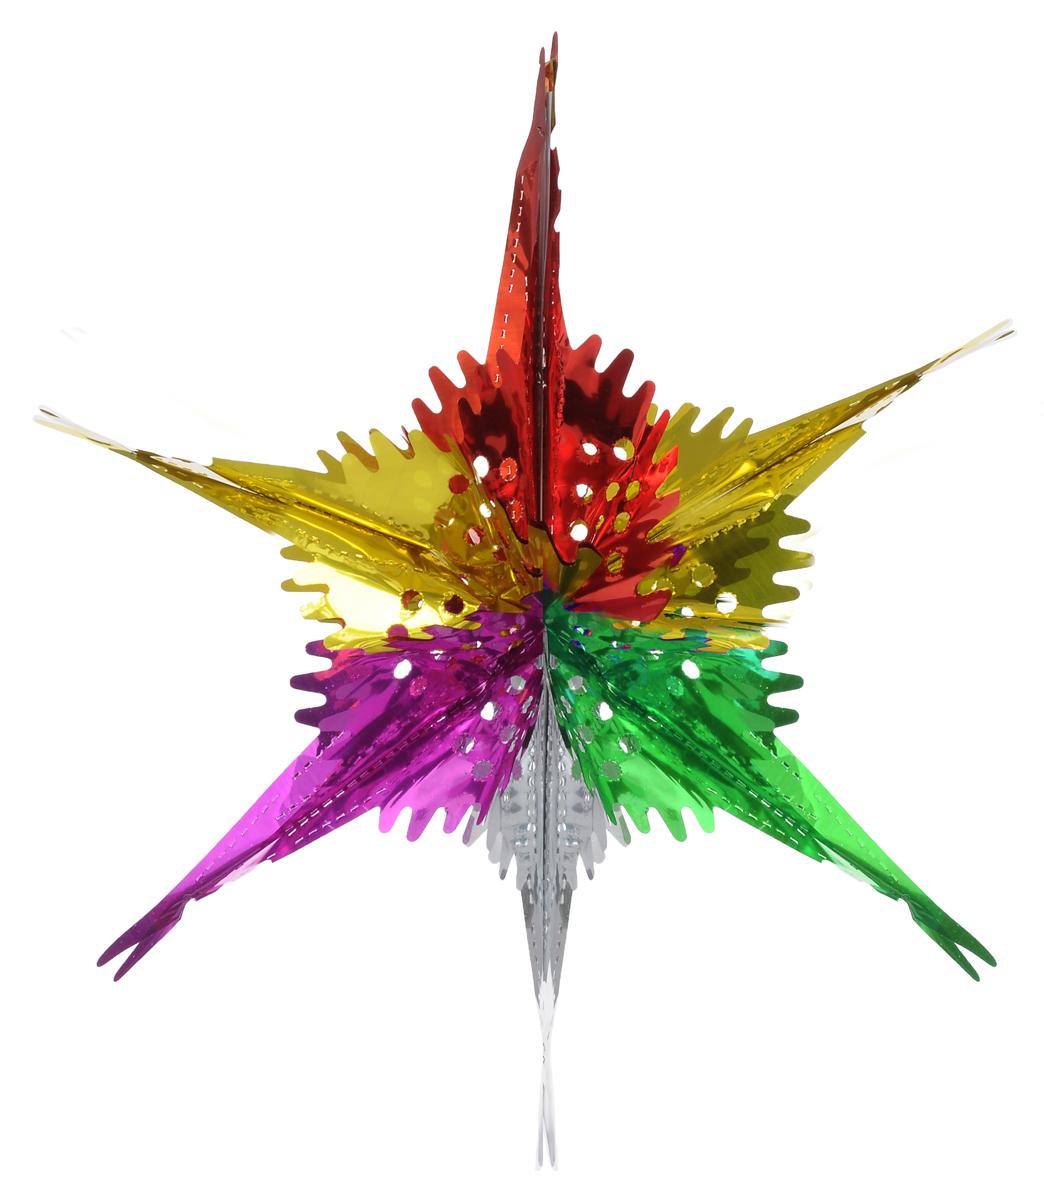 Новогоднее подвесное украшение Феникс-Презент Звезда ажурная, цвет: зеленый, красный, фиолетовый30967Новогоднее украшение Феникс-Презент Звезда ажурная отлично подойдет для декорации вашего дома и новогодней ели. Украшение выполнено из ПЭТ (полиэтилентерефталата) в форме многогранной разноцветной звезды. С помощью специальной петельки звезду можно повесить в любом понравившемся вам месте. Украшение легко складывается и раскладывается благодаря металлическим кольцам. Новогодние украшения несут в себе волшебство и красоту праздника. Они помогут вам украсить дом к предстоящим праздникам и оживить интерьер по вашему вкусу. Создайте в доме атмосферу тепла, веселья и радости, украшая его всей семьей.